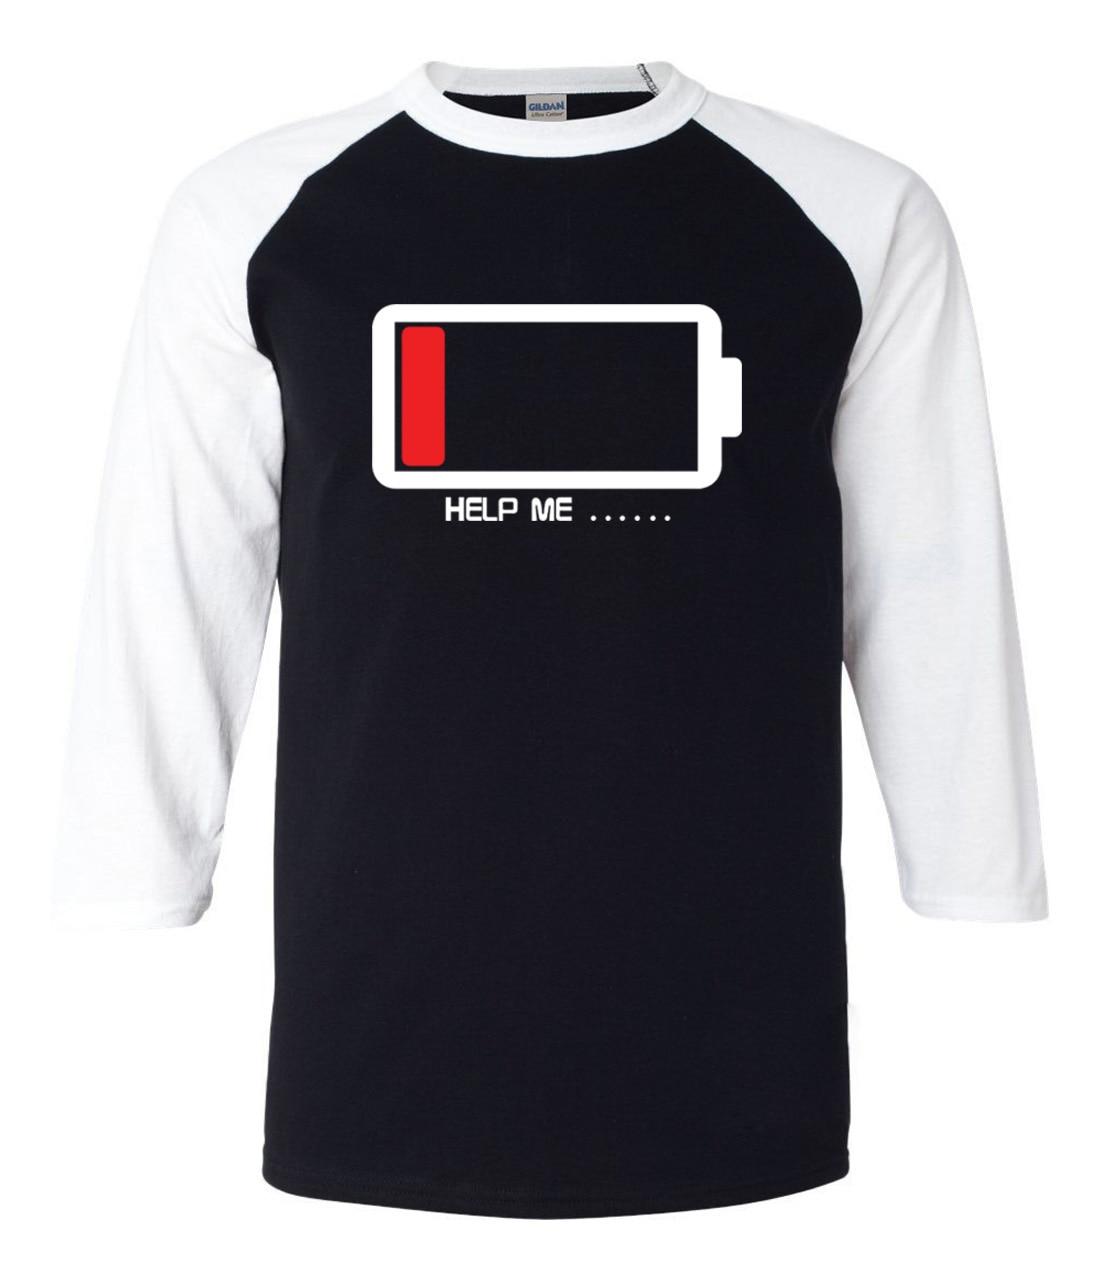 T shirt design help - Creative Battery Design Help Me Letters 3 4 Sleeve T Shirt Men 2017 Summer New